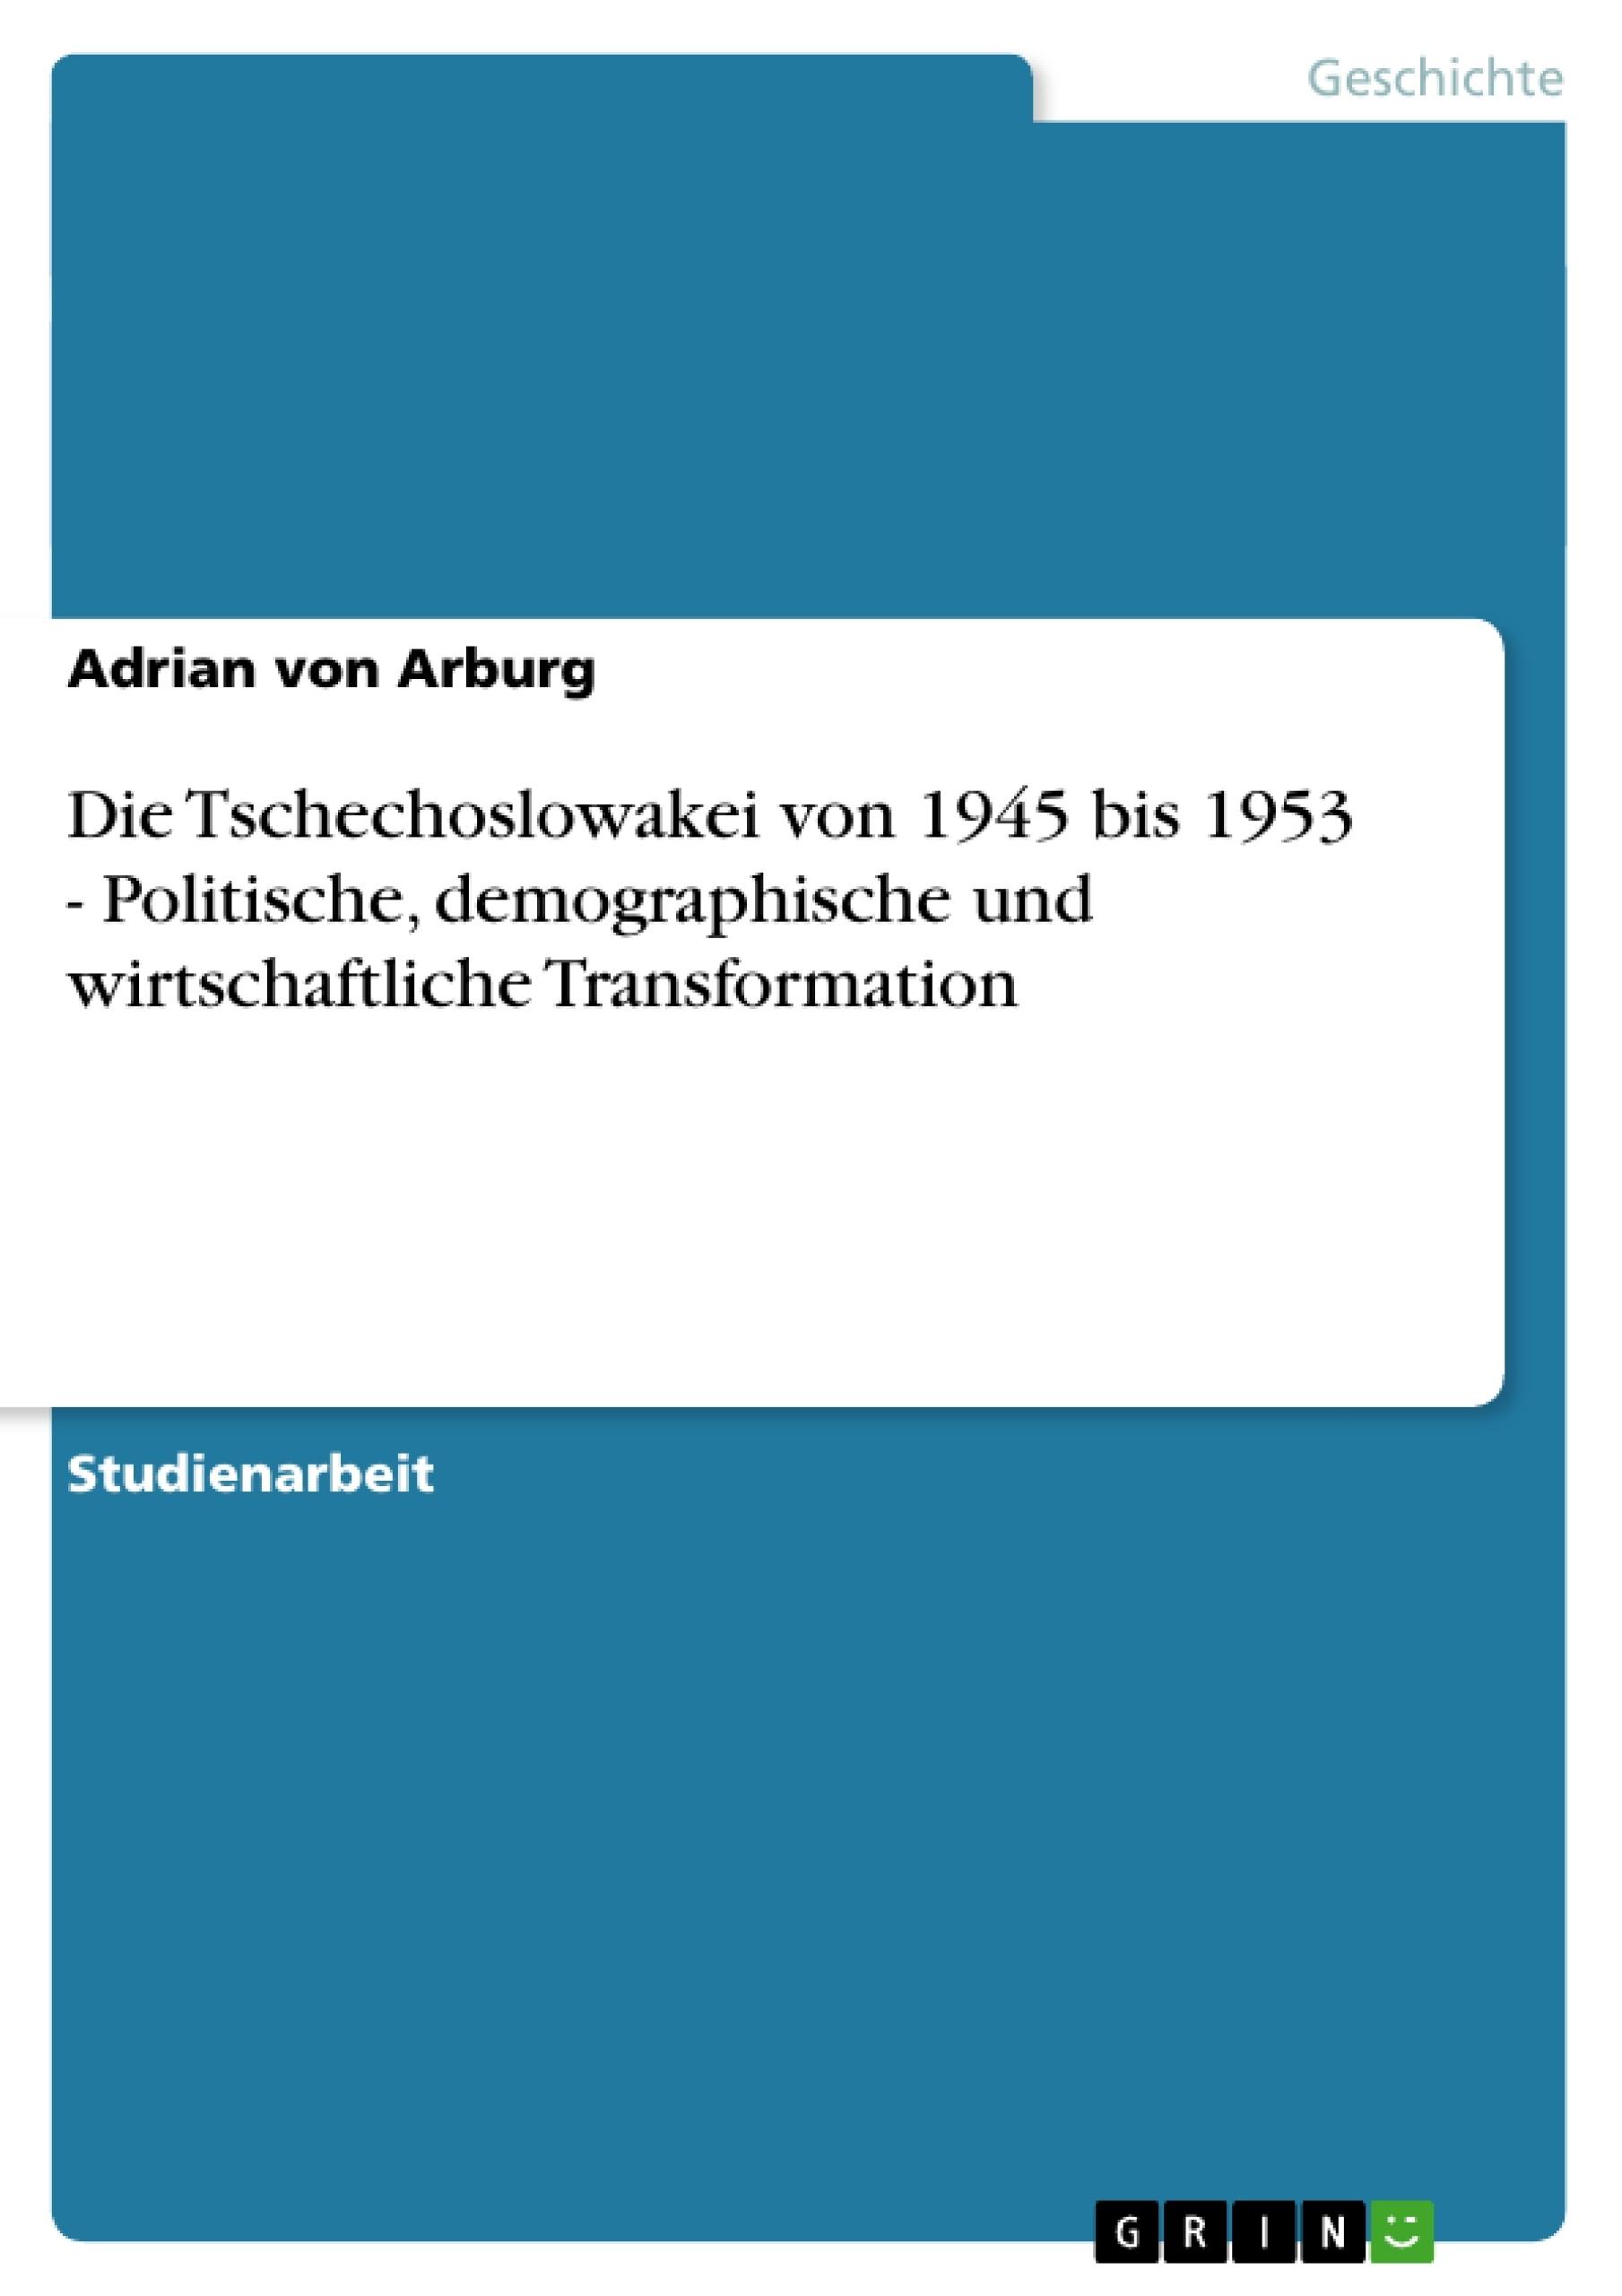 Titel: Die Tschechoslowakei von 1945 bis 1953  -  Politische, demographische und wirtschaftliche Transformation